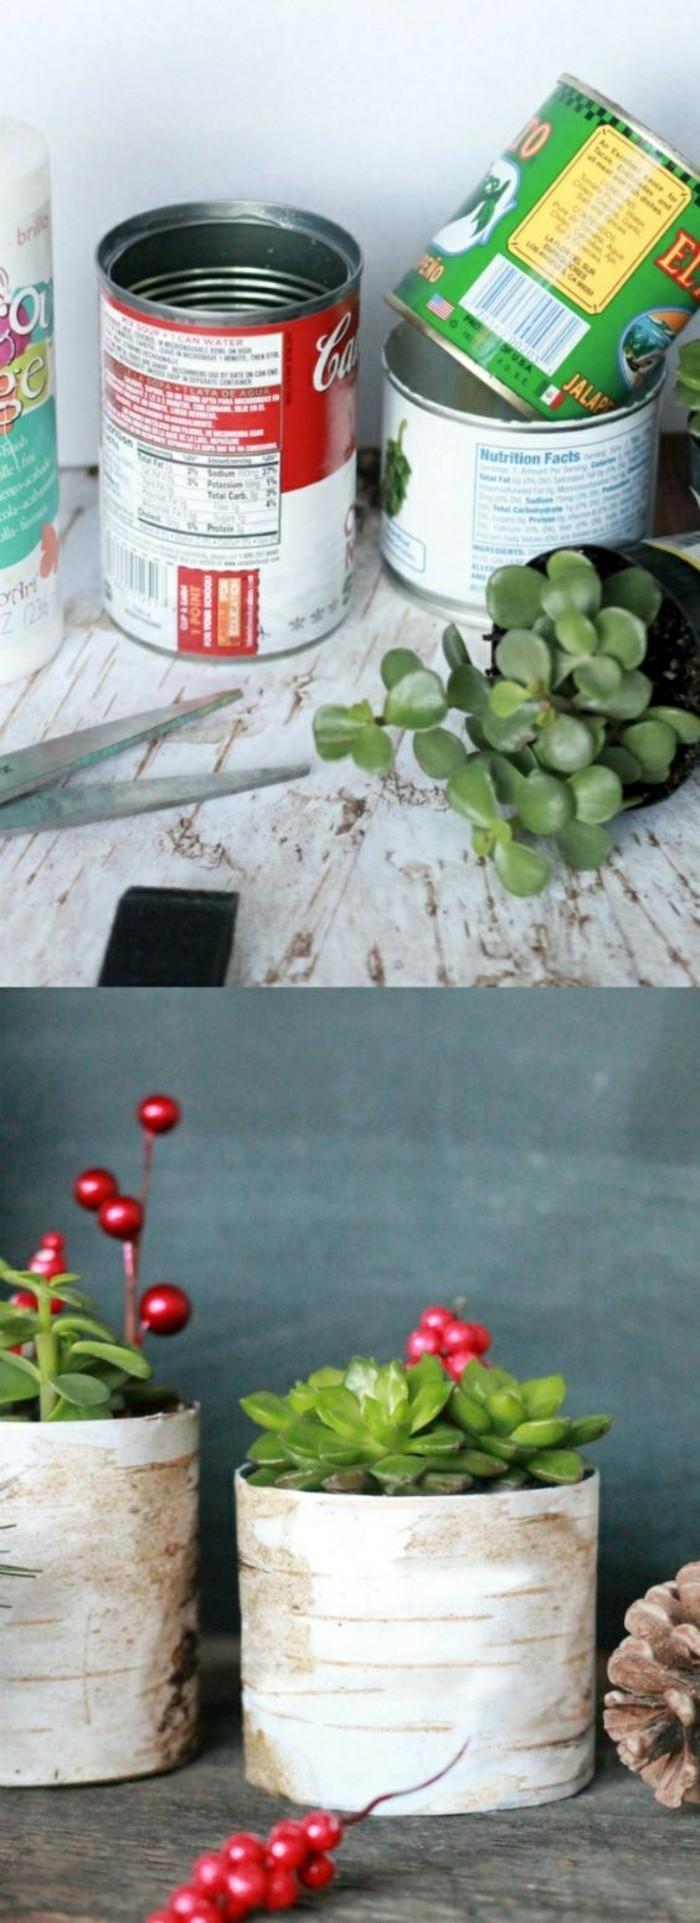 kreatives-basteln-konservendose-schere-gruene-pflanze-tannenzapfen-blumentoepfe